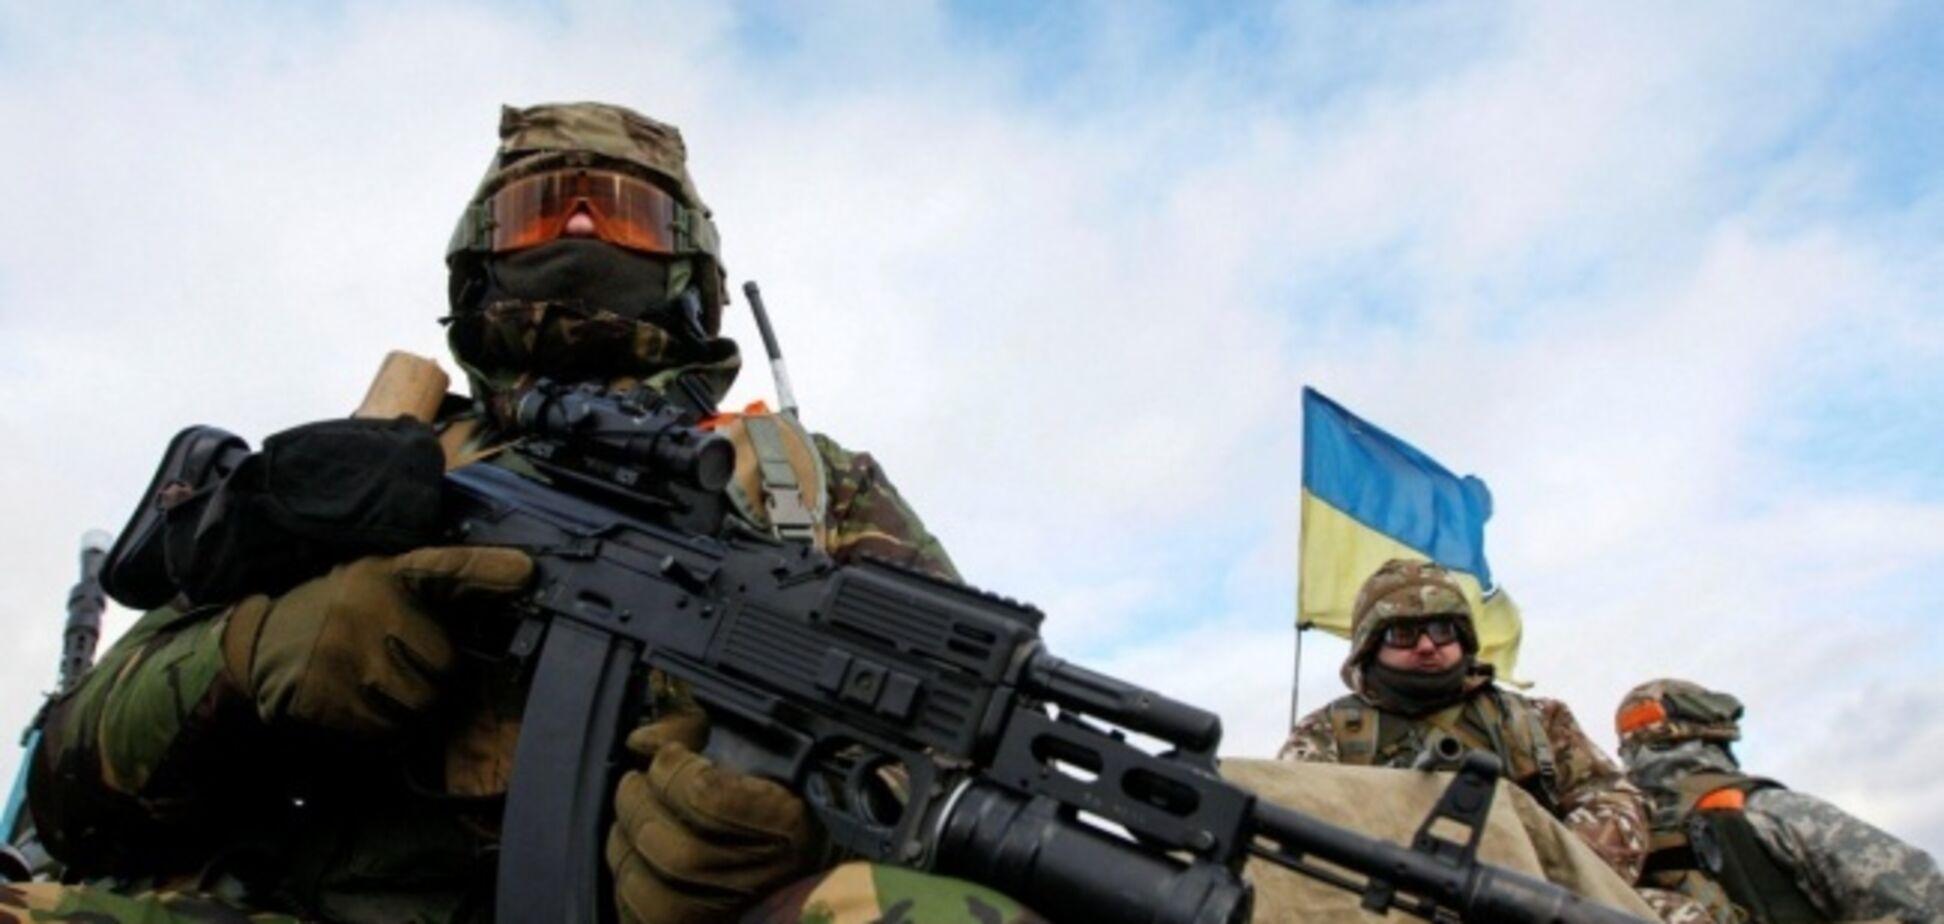 Мінус сім: ЗСУ потужно вдарили по терористах на Донбасі